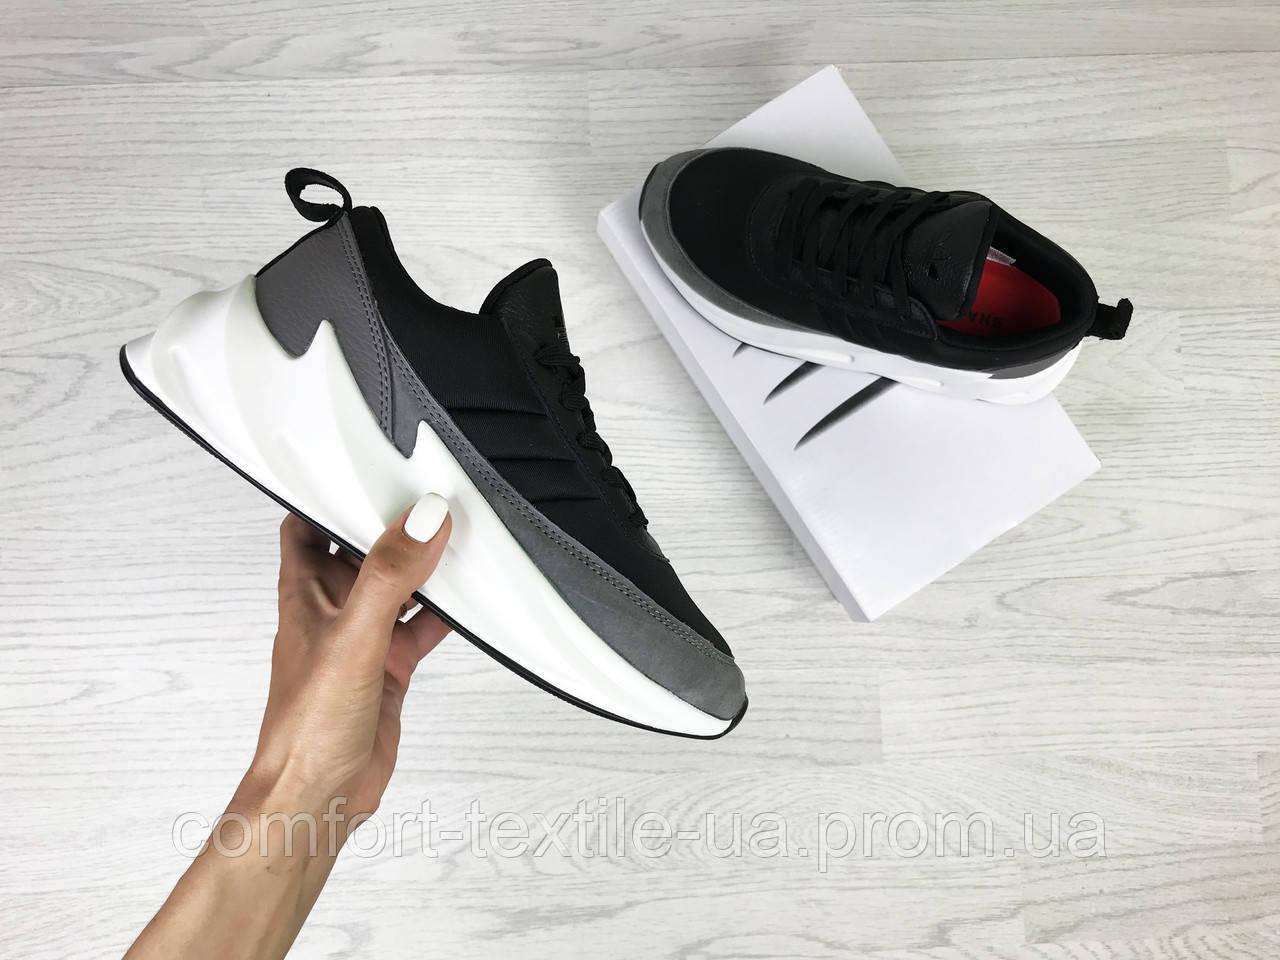 0ea18a33cf5e0a Кросівки жіночі Adidas Sharks чорно сірі з білим - ZIK shoes в Хмельницком